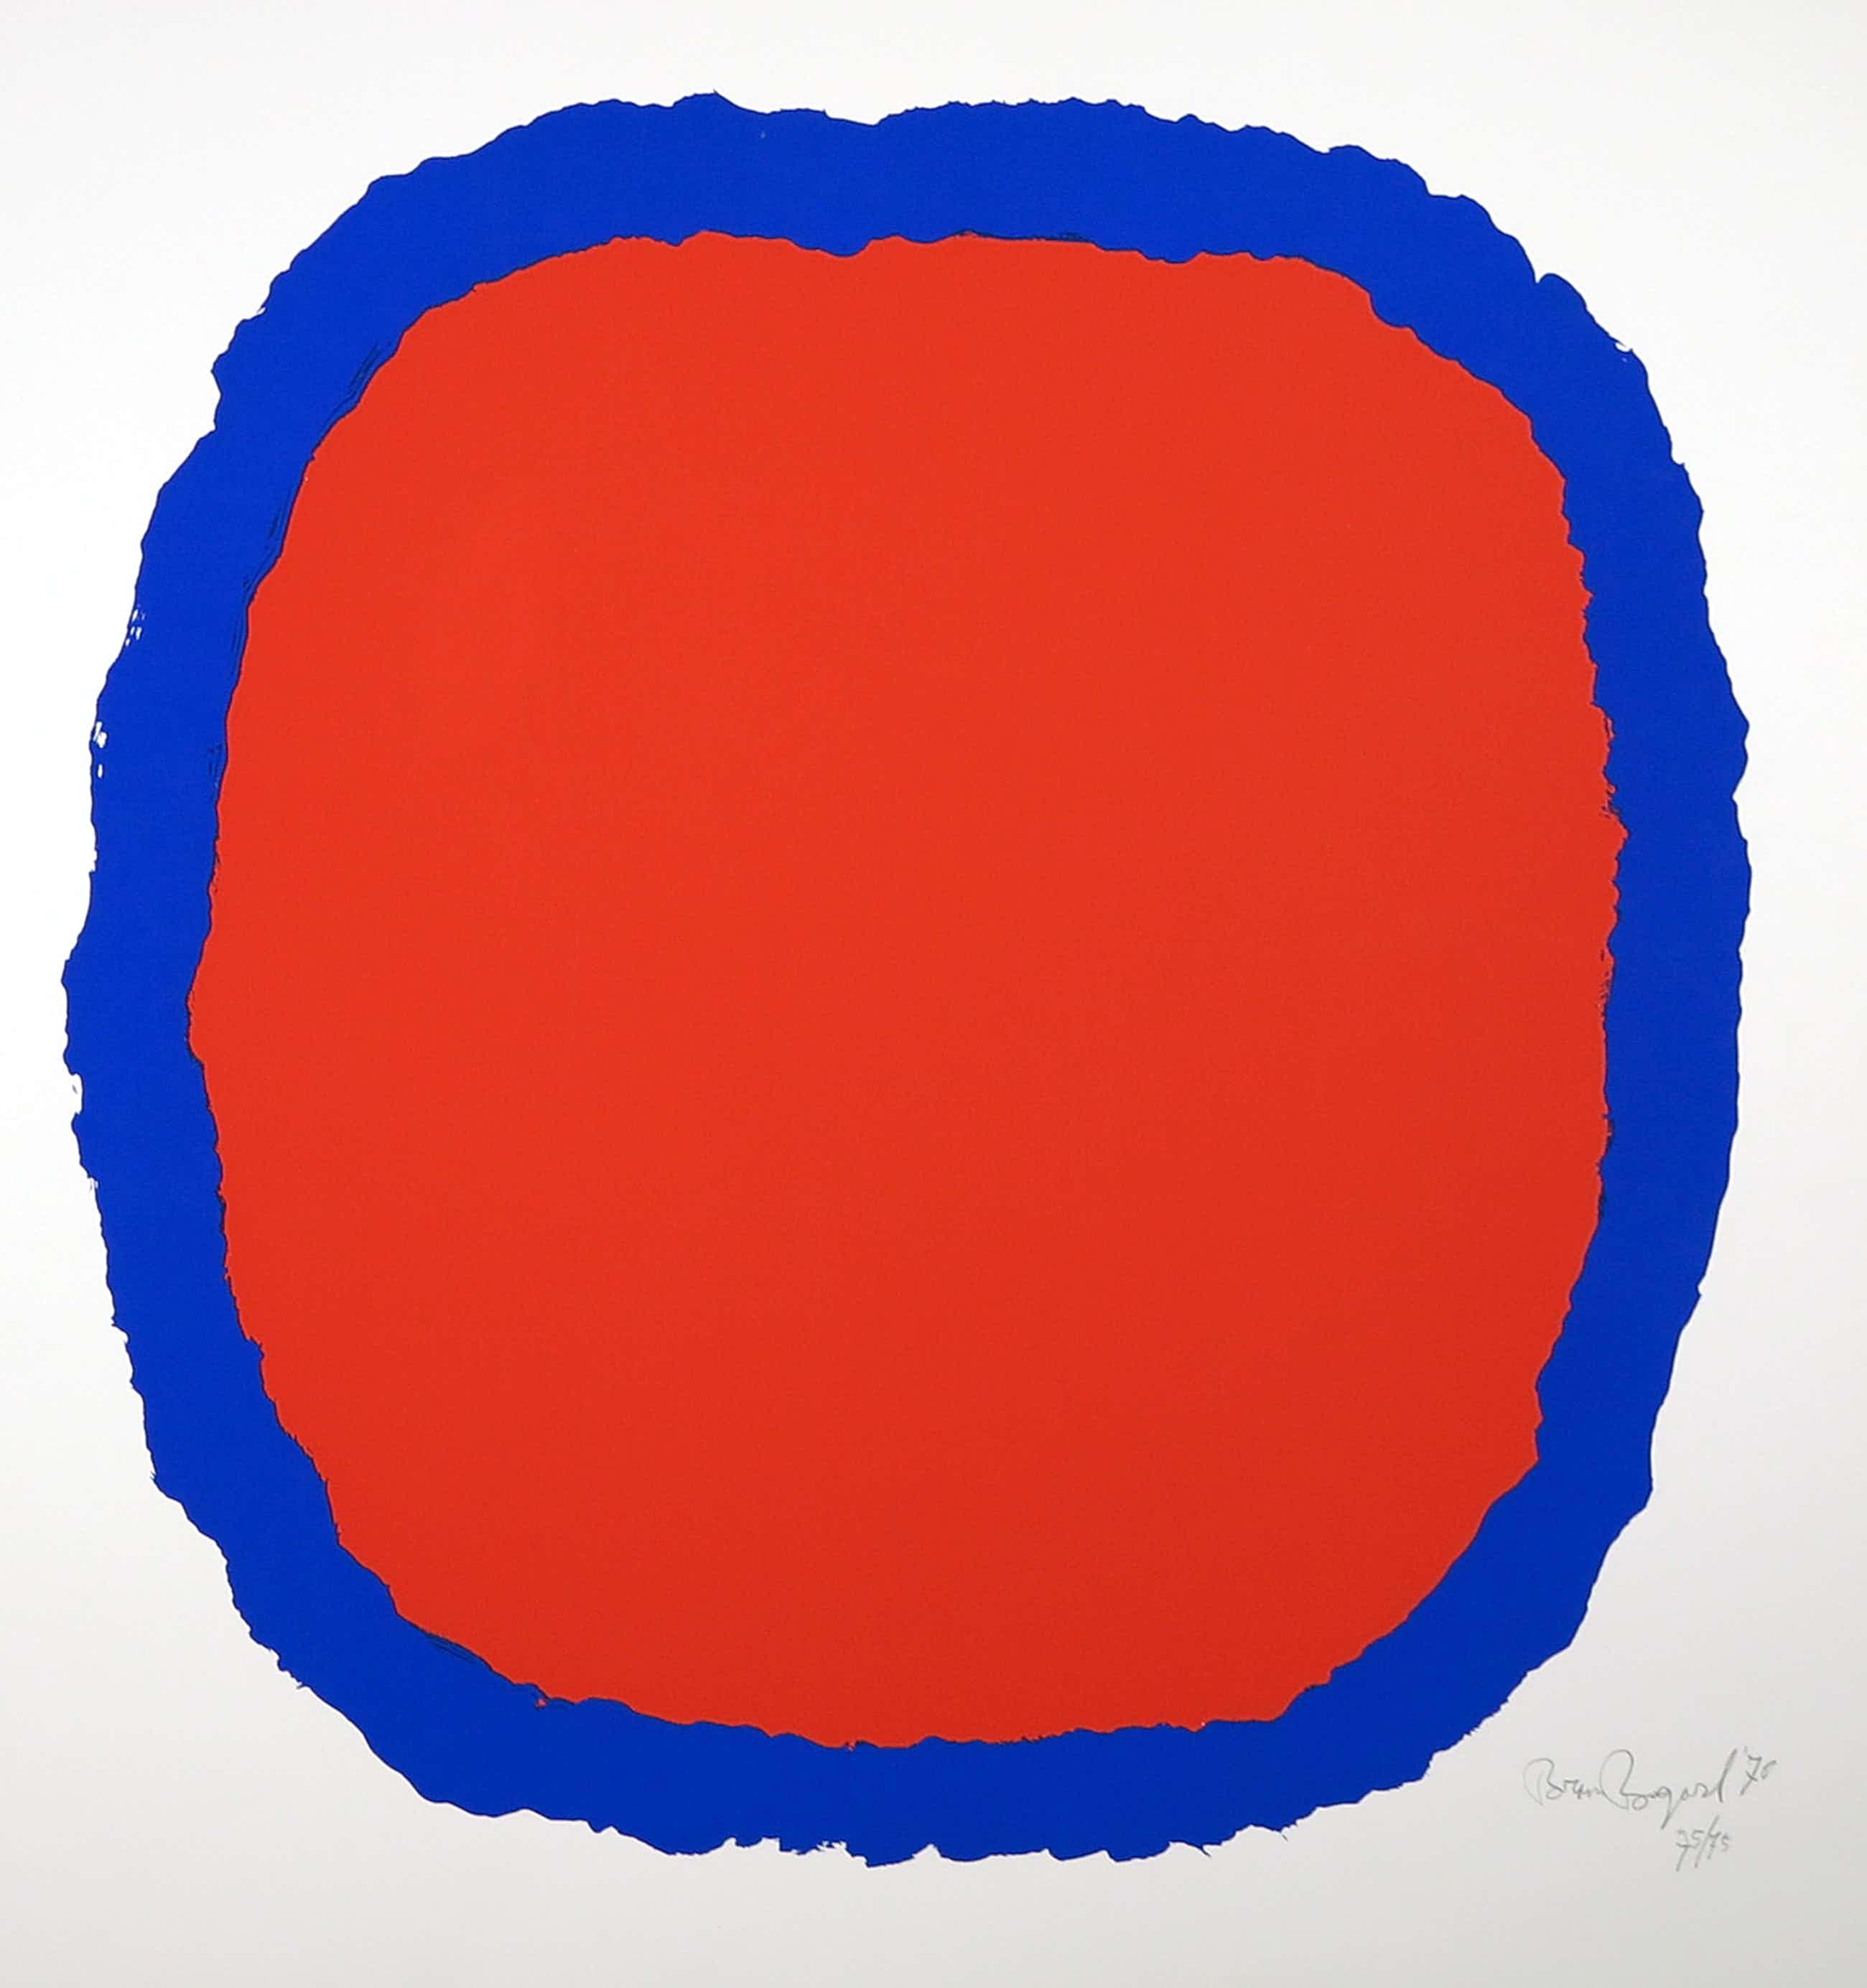 Bram Bogart - Zeefdruk, Compositie in rood en blauw kopen? Bied vanaf 306!